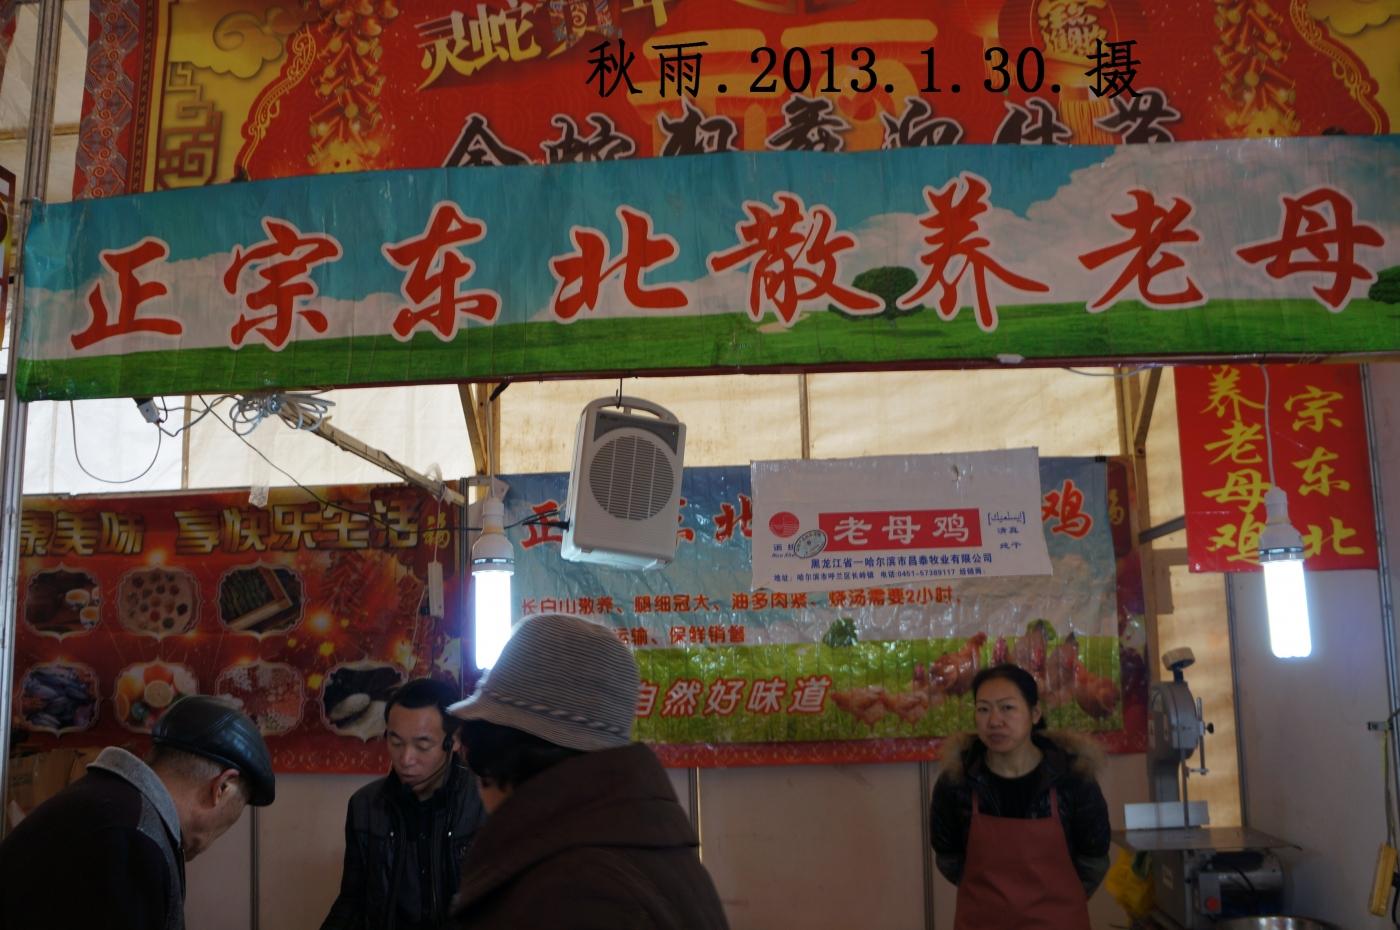 迎新春年货展销会(摄影原创)_图1-2